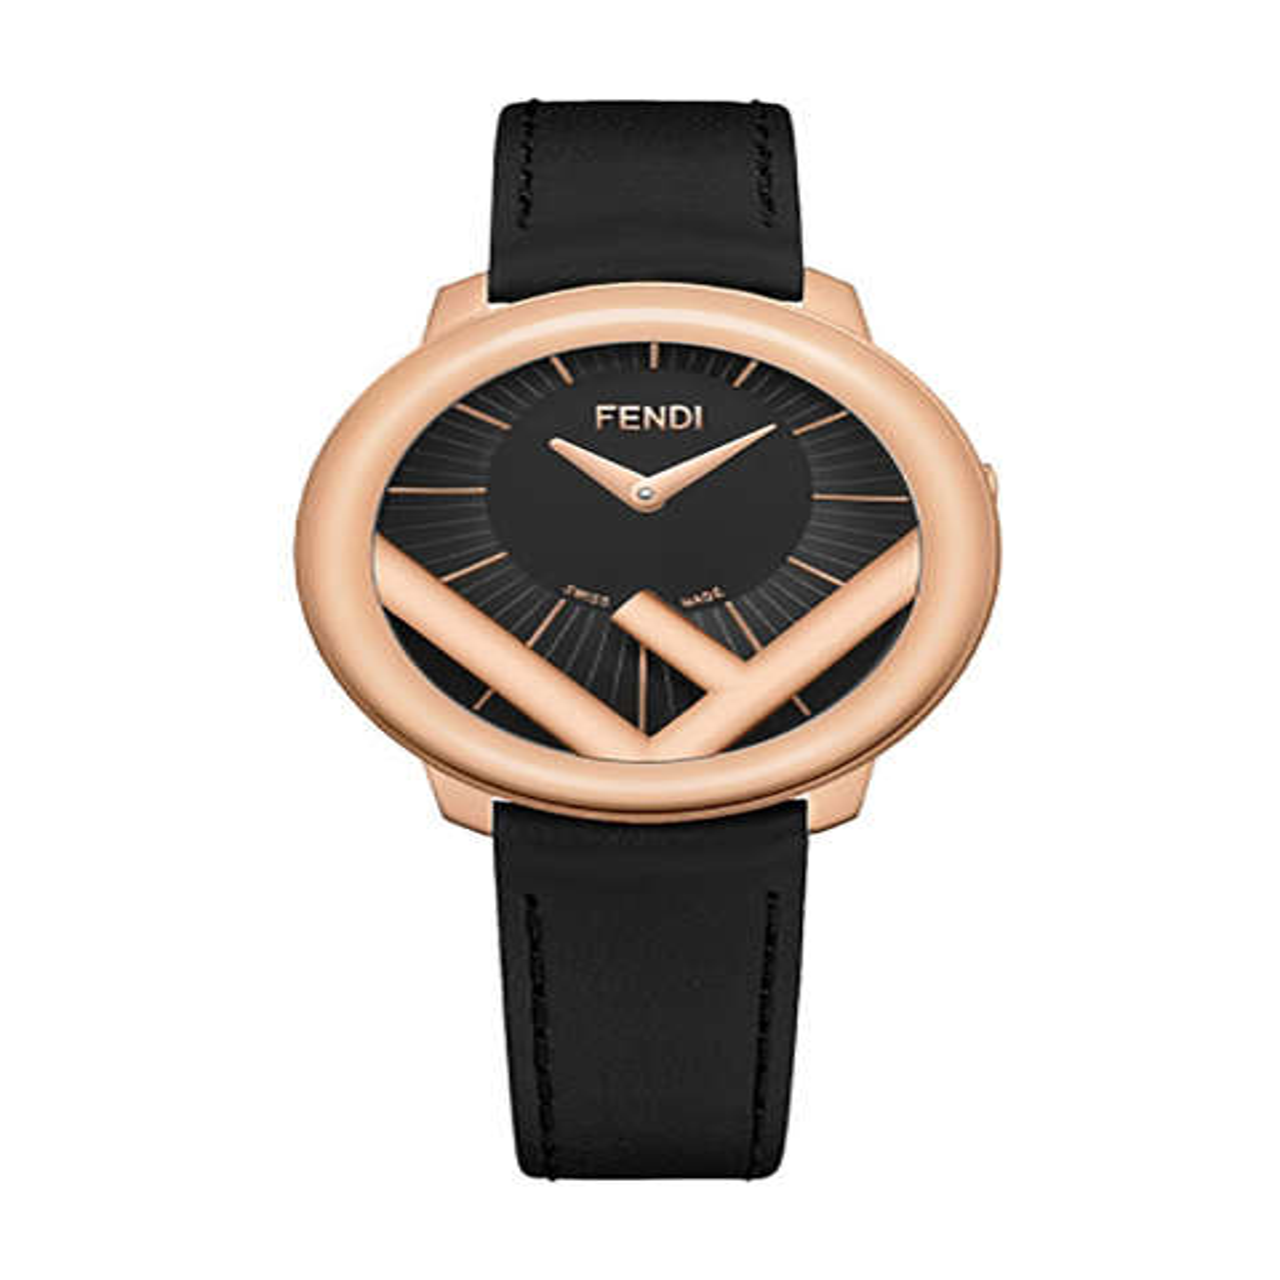 ساعت مچی عقربه ای زنانه فندی مدل F710531011 28